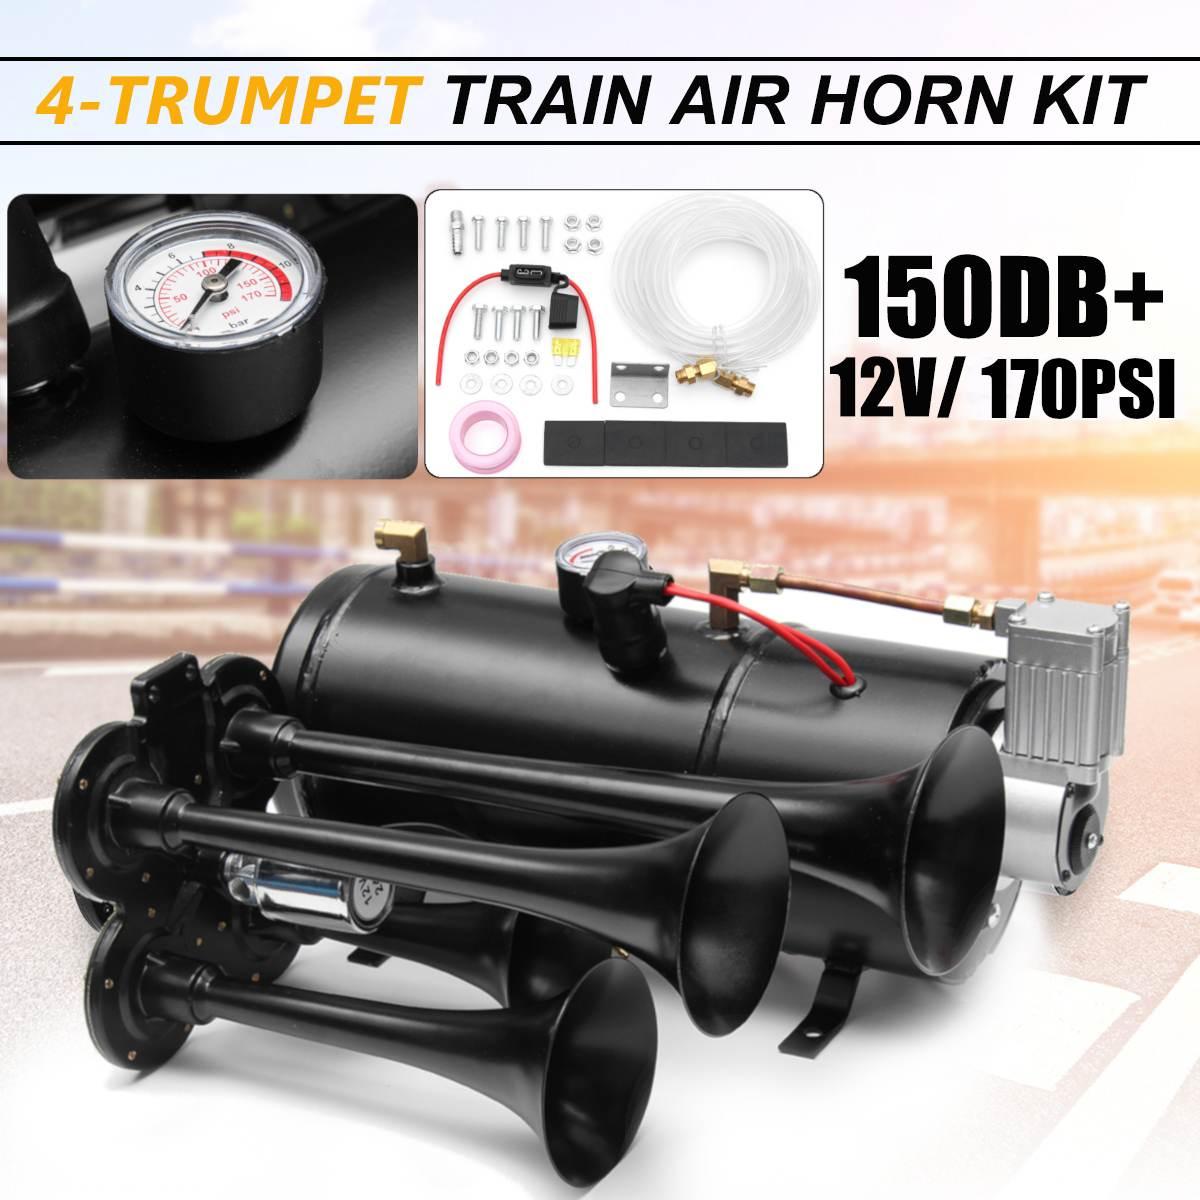 شاحنة قطار رباعية 4 البوق الهواء القرن عدة أسود 170 PSI 12 فولت 3 لتر ضاغط ومنزل 150db